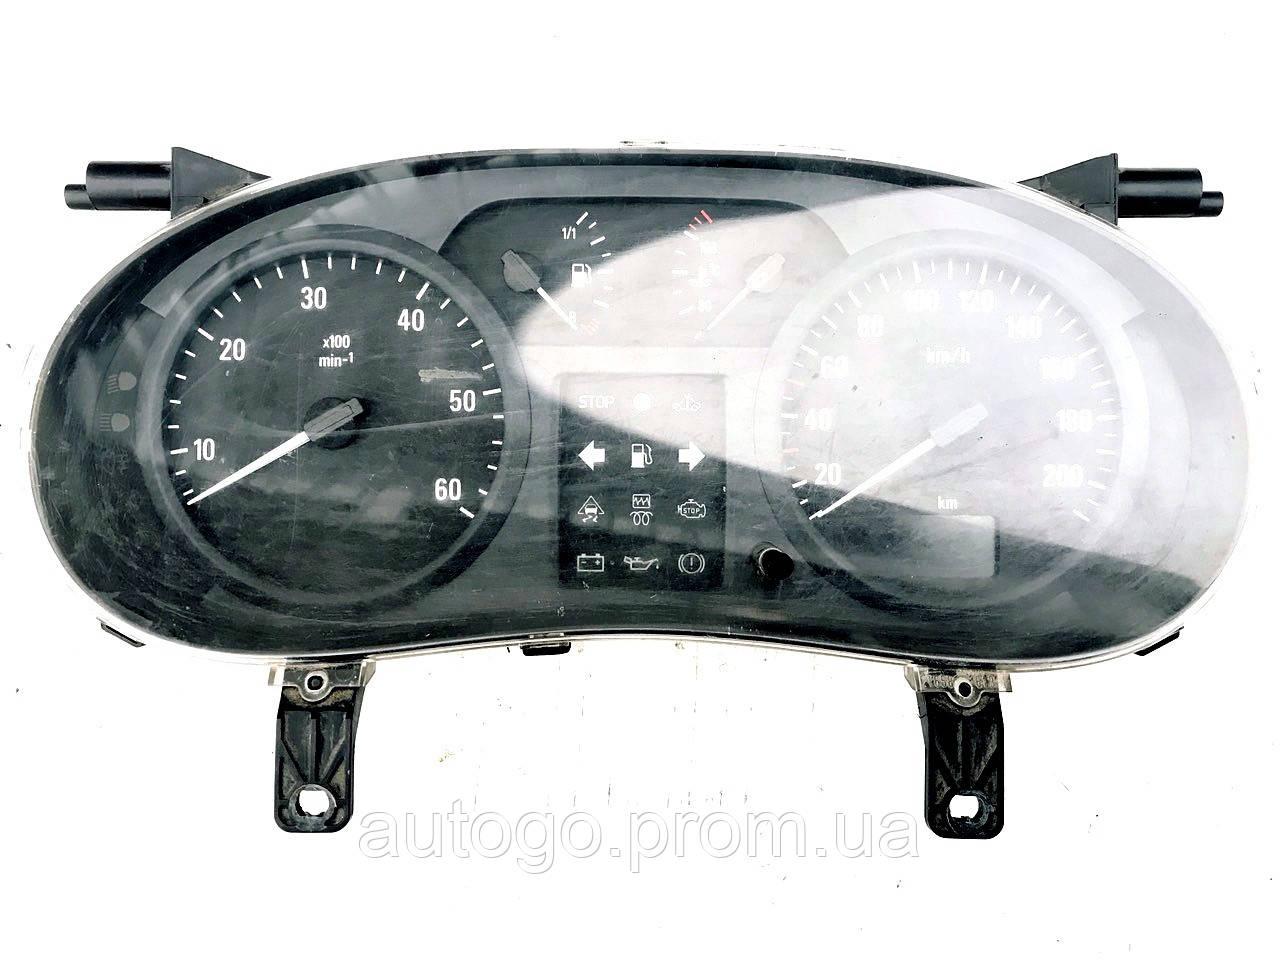 Панель приборов Opel Vivaro Nissan Primastar Renault Trafic 1.9 DCI 8200252450, фото 1